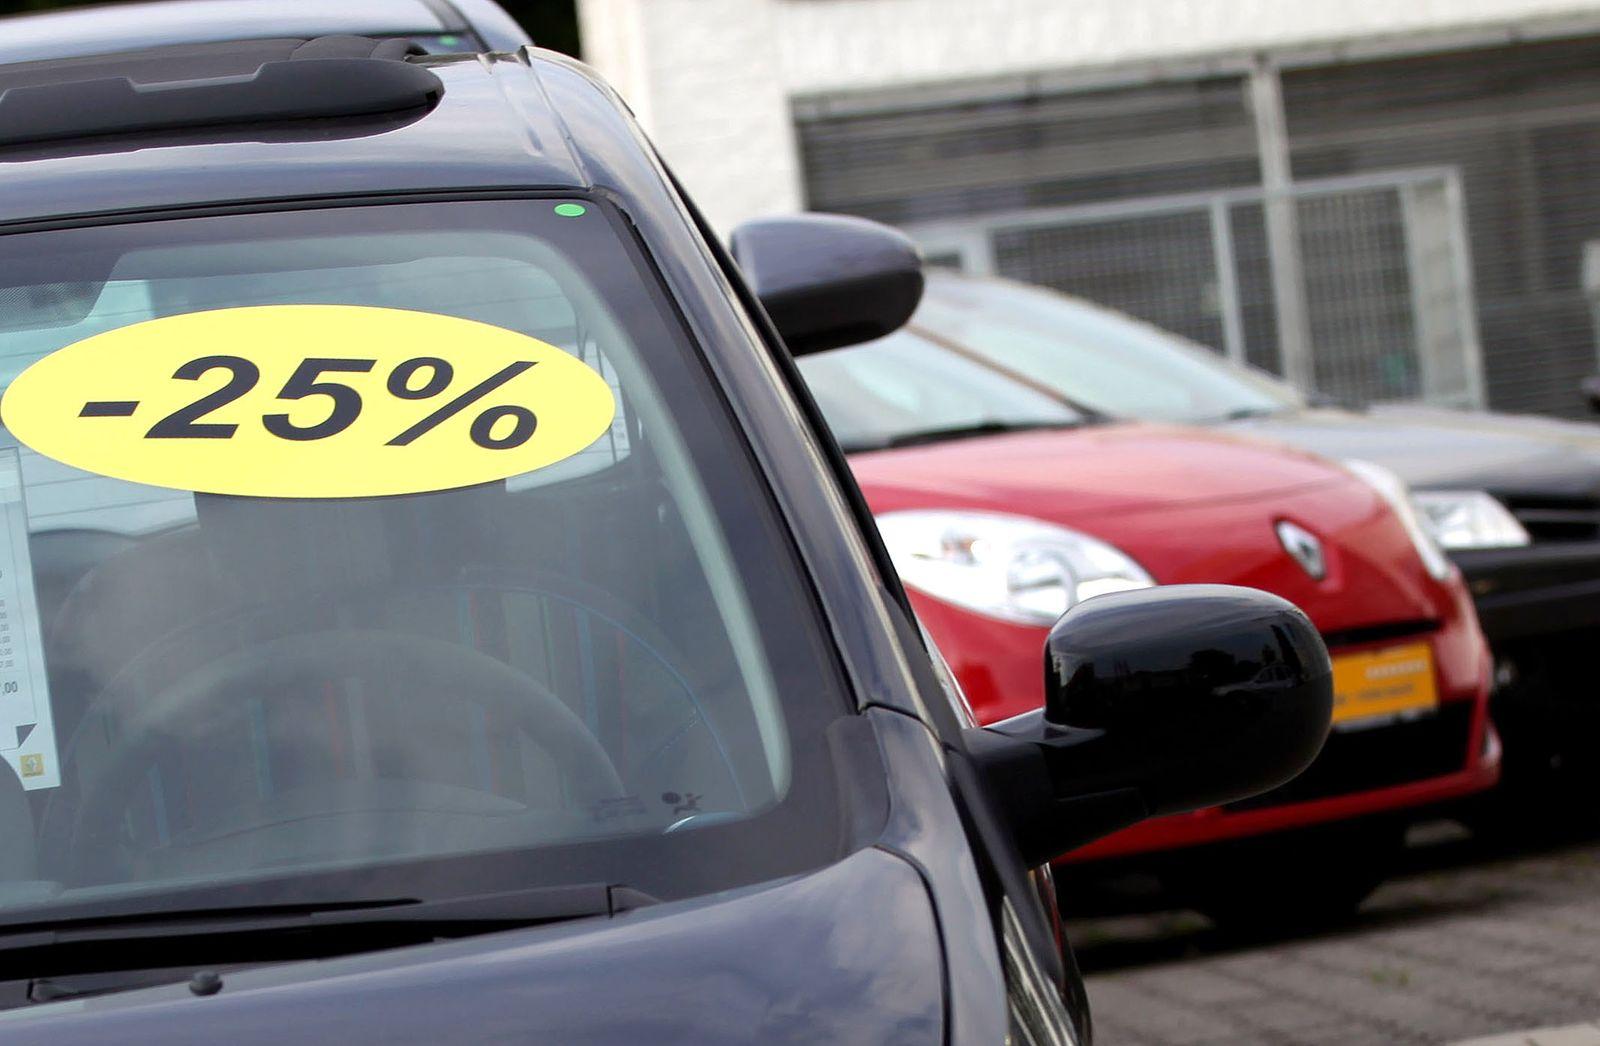 Rabattschlacht auf deutschem Automarkt